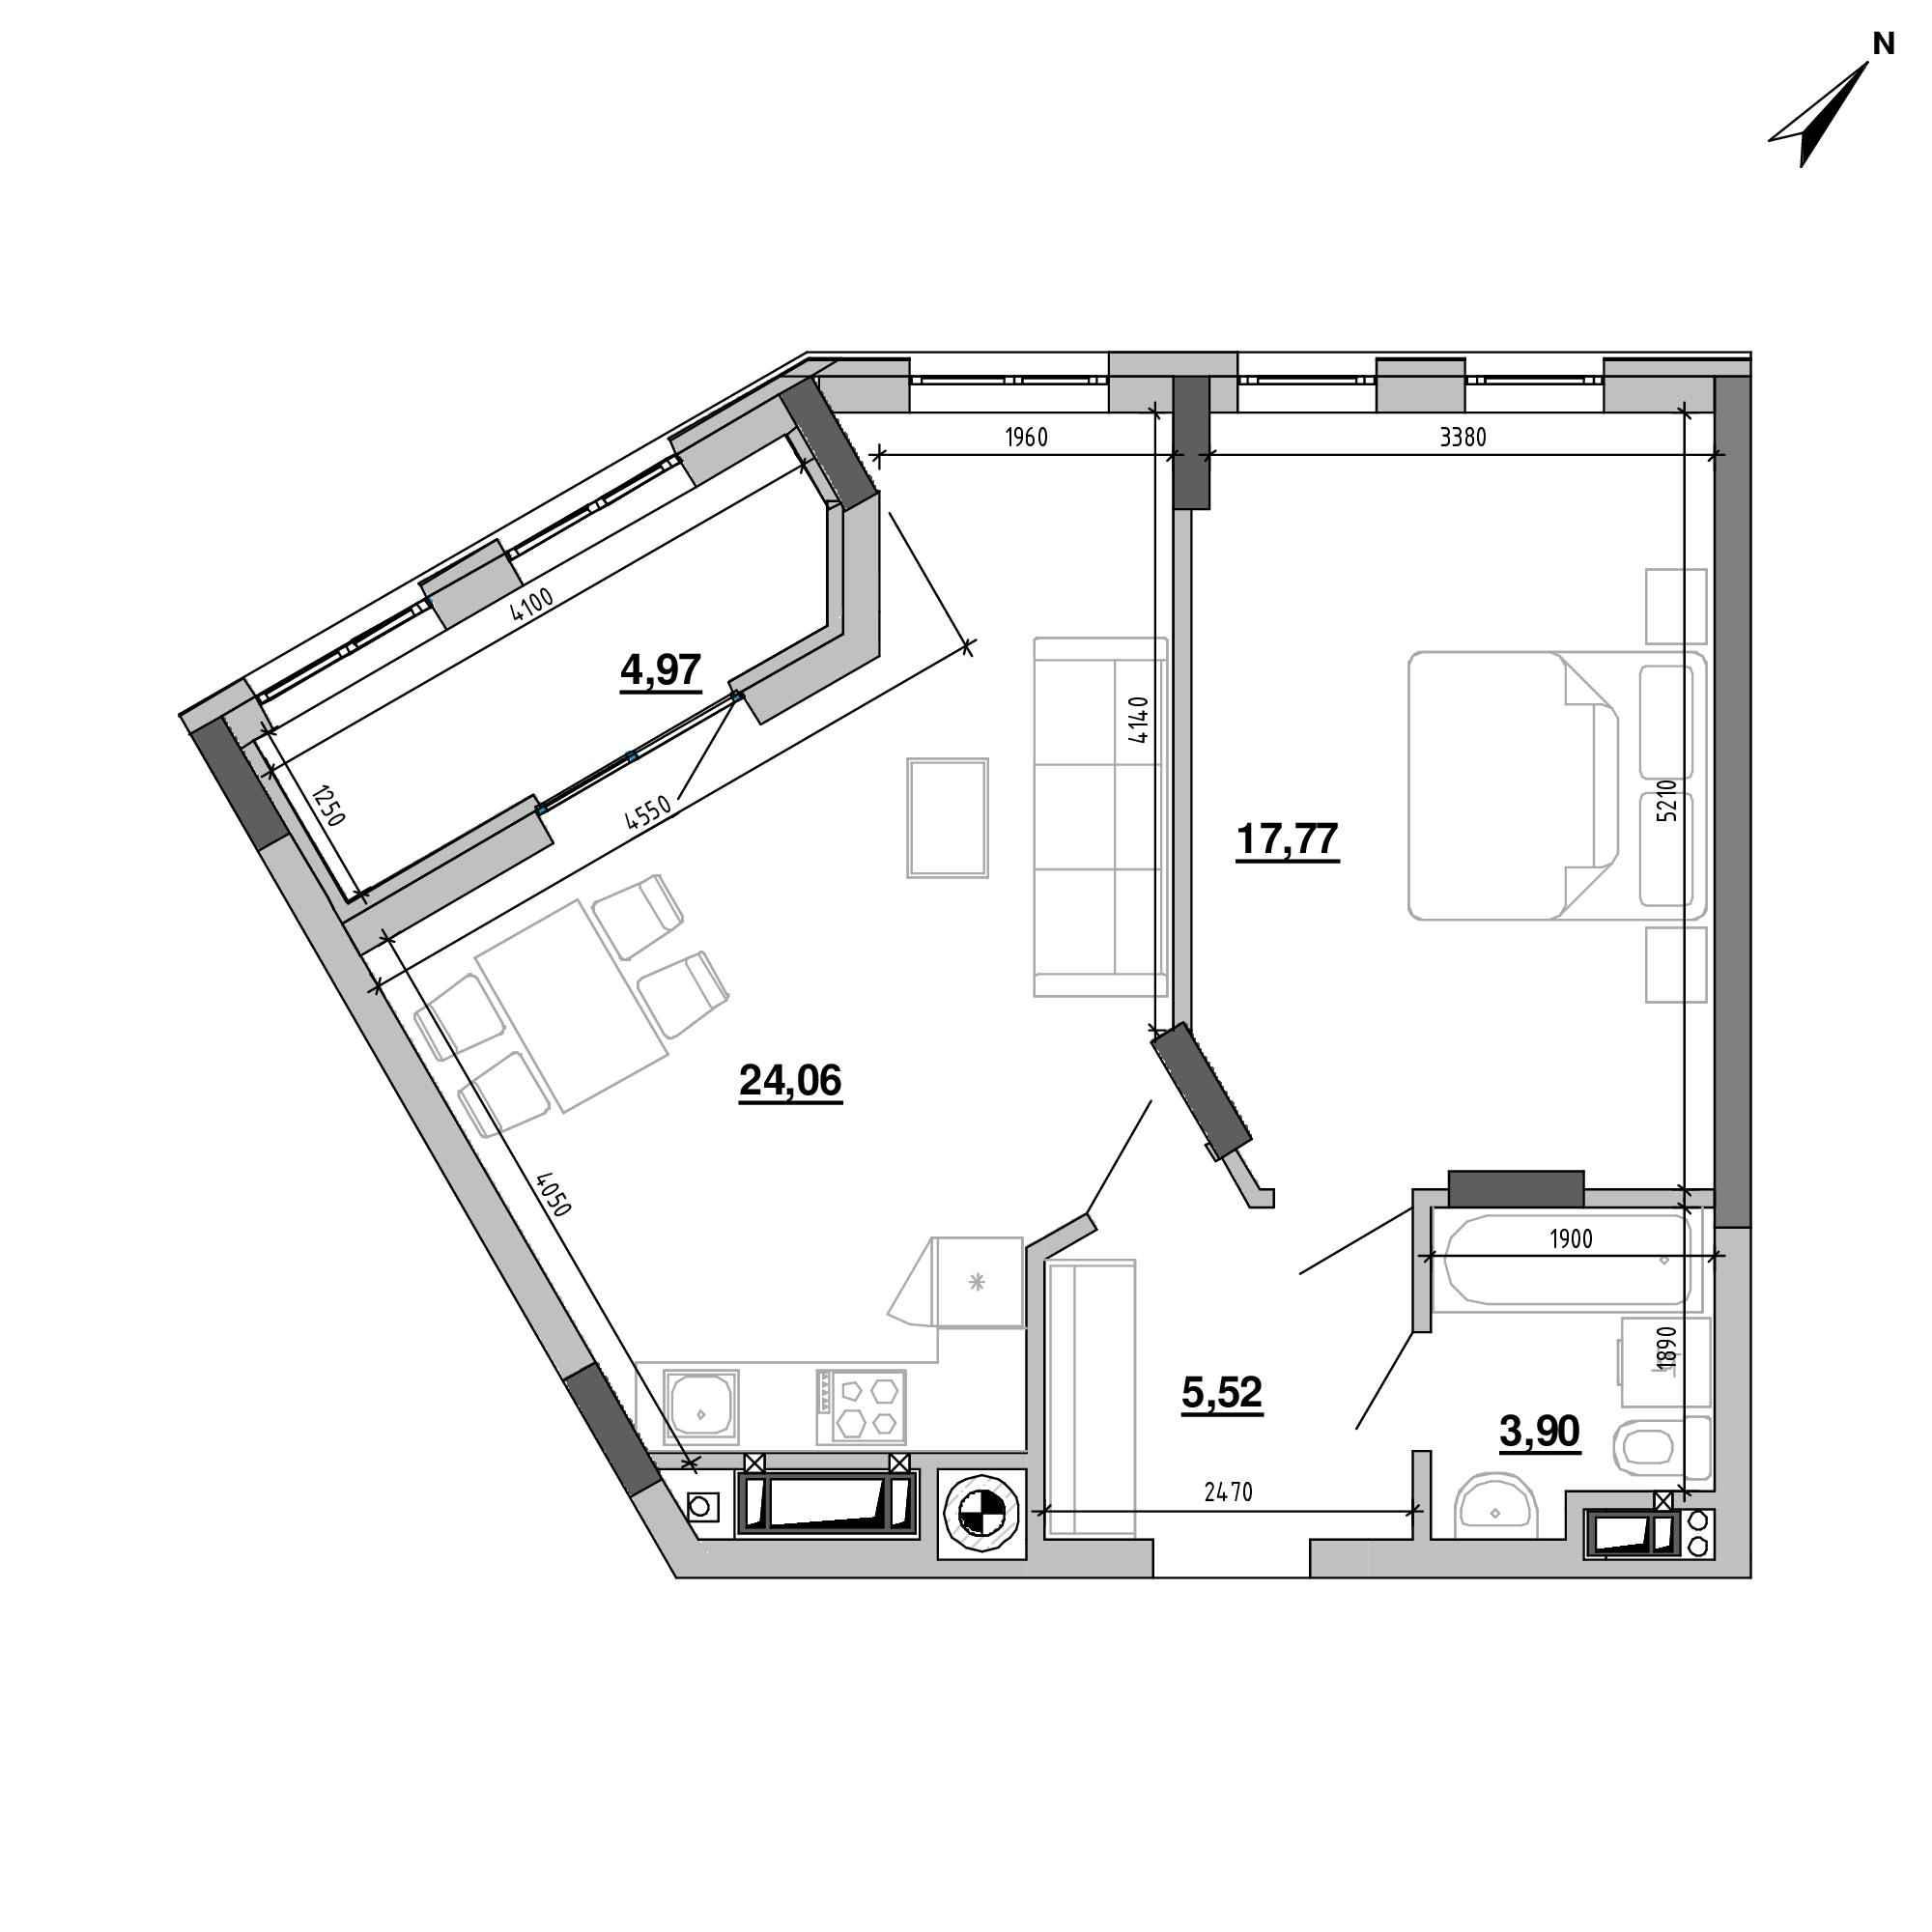 ЖК Підзамче. Вежа: планування 1-кімнатної квартири, №64, 56.22 м<sup>2</sup>